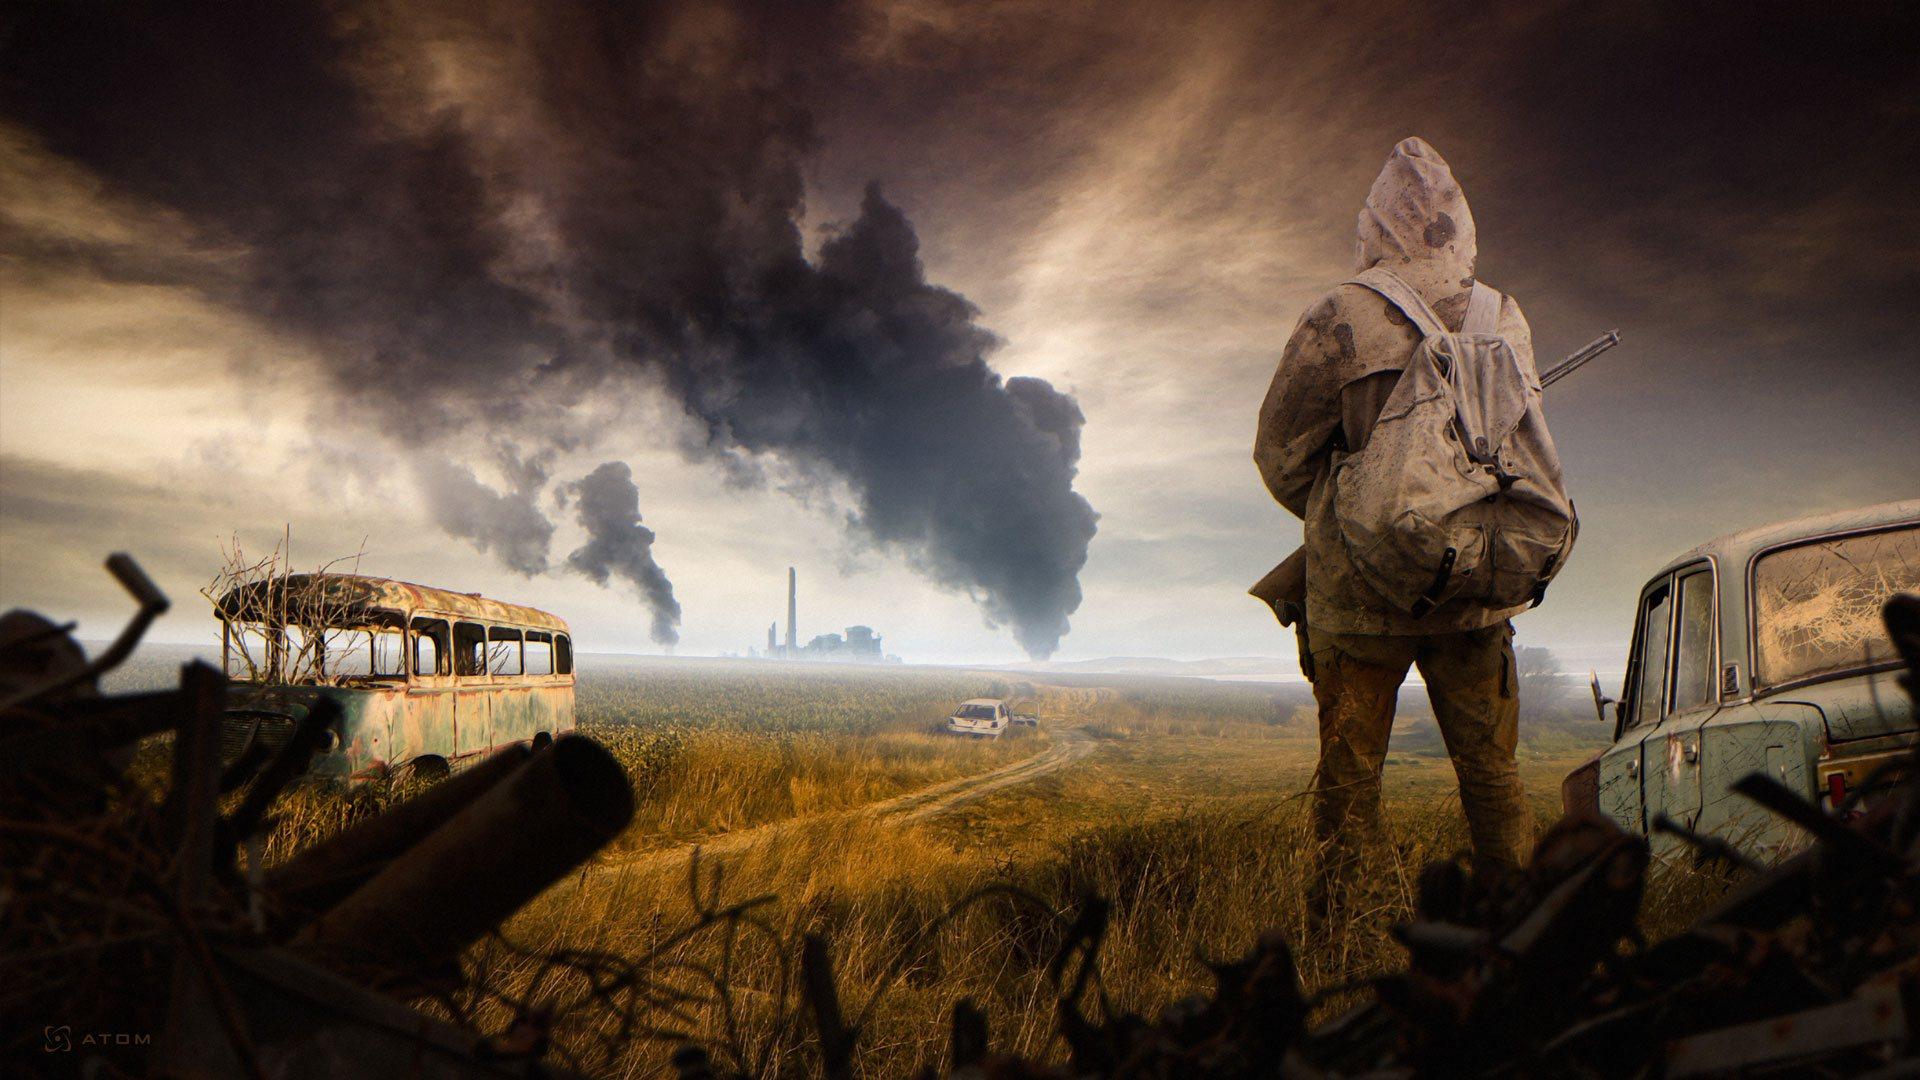 """RPG da era soviética inspirado em Fallout """"Atom"""" chega ao mercado em 19 de dezembro"""